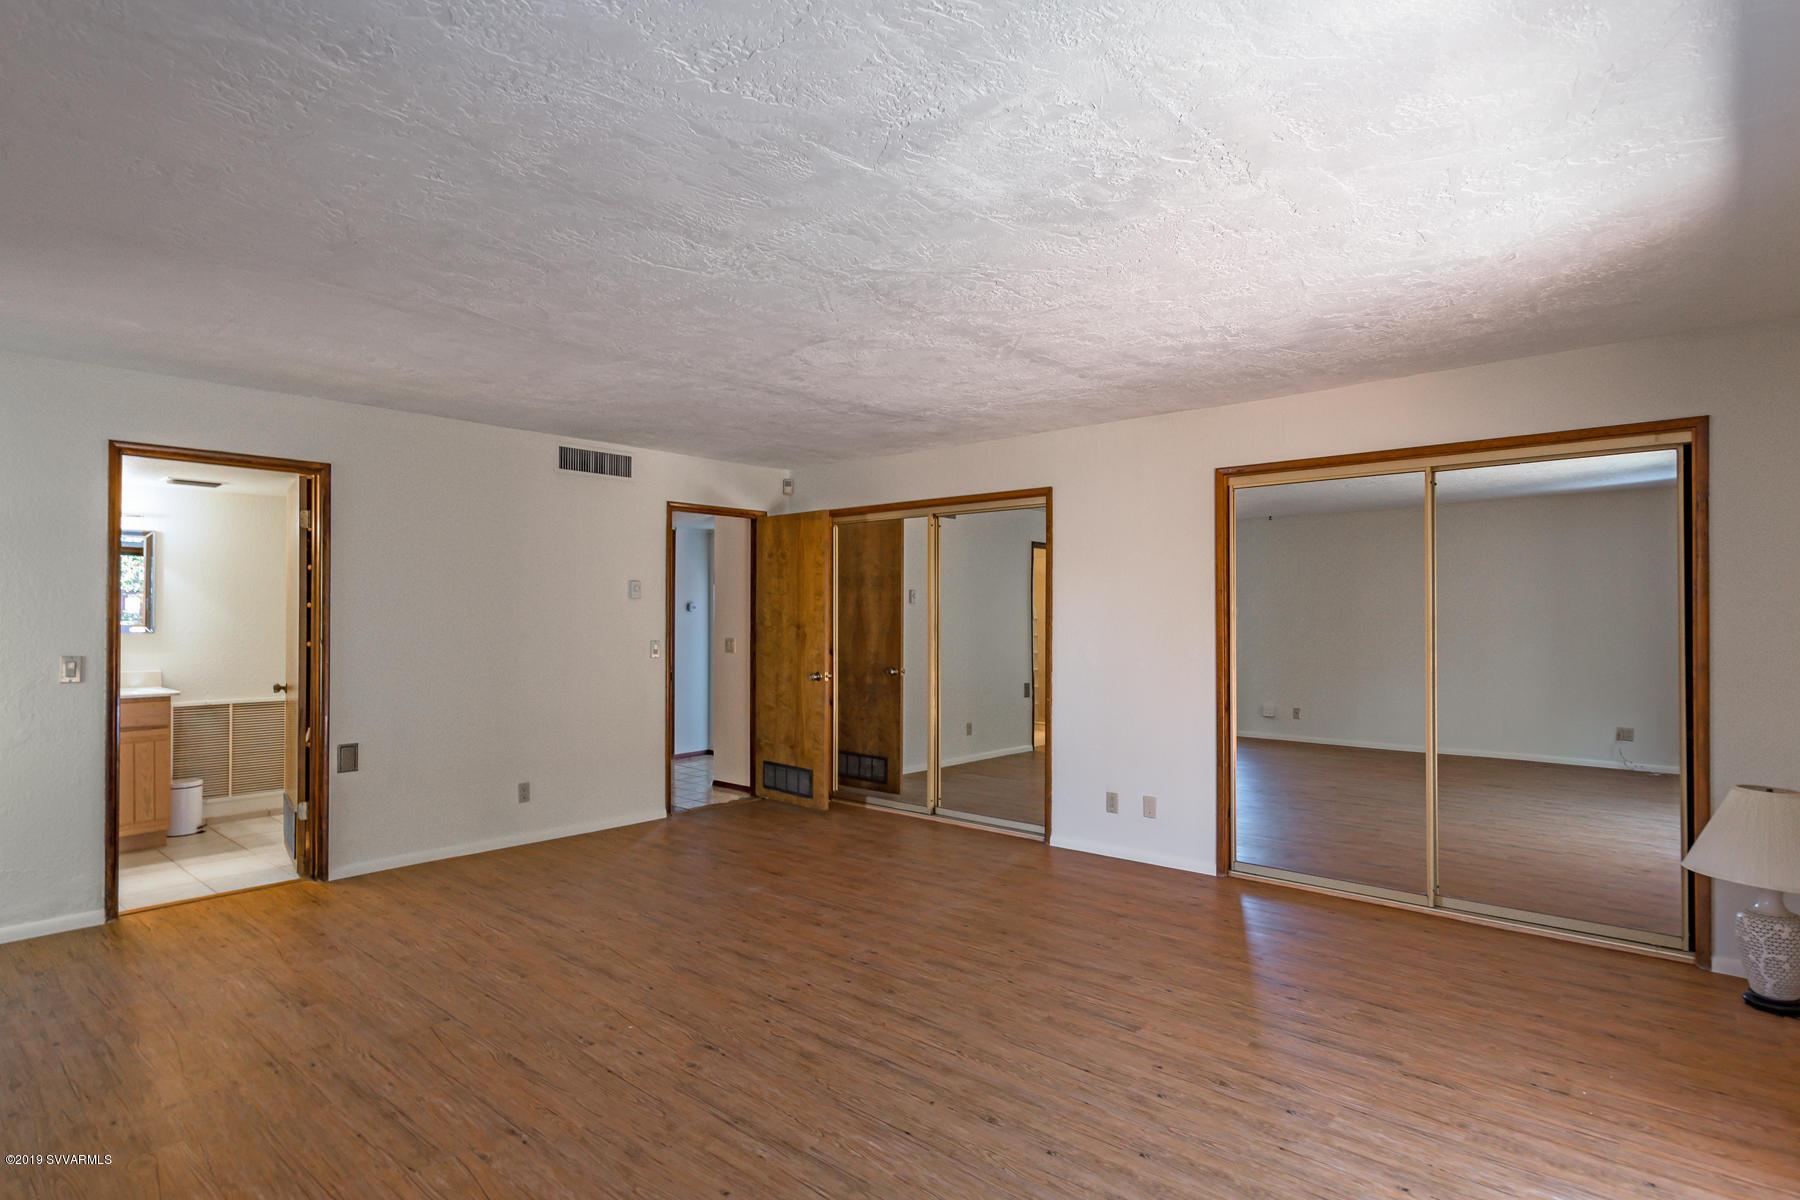 335 Montazona Tr Sedona, AZ 86351